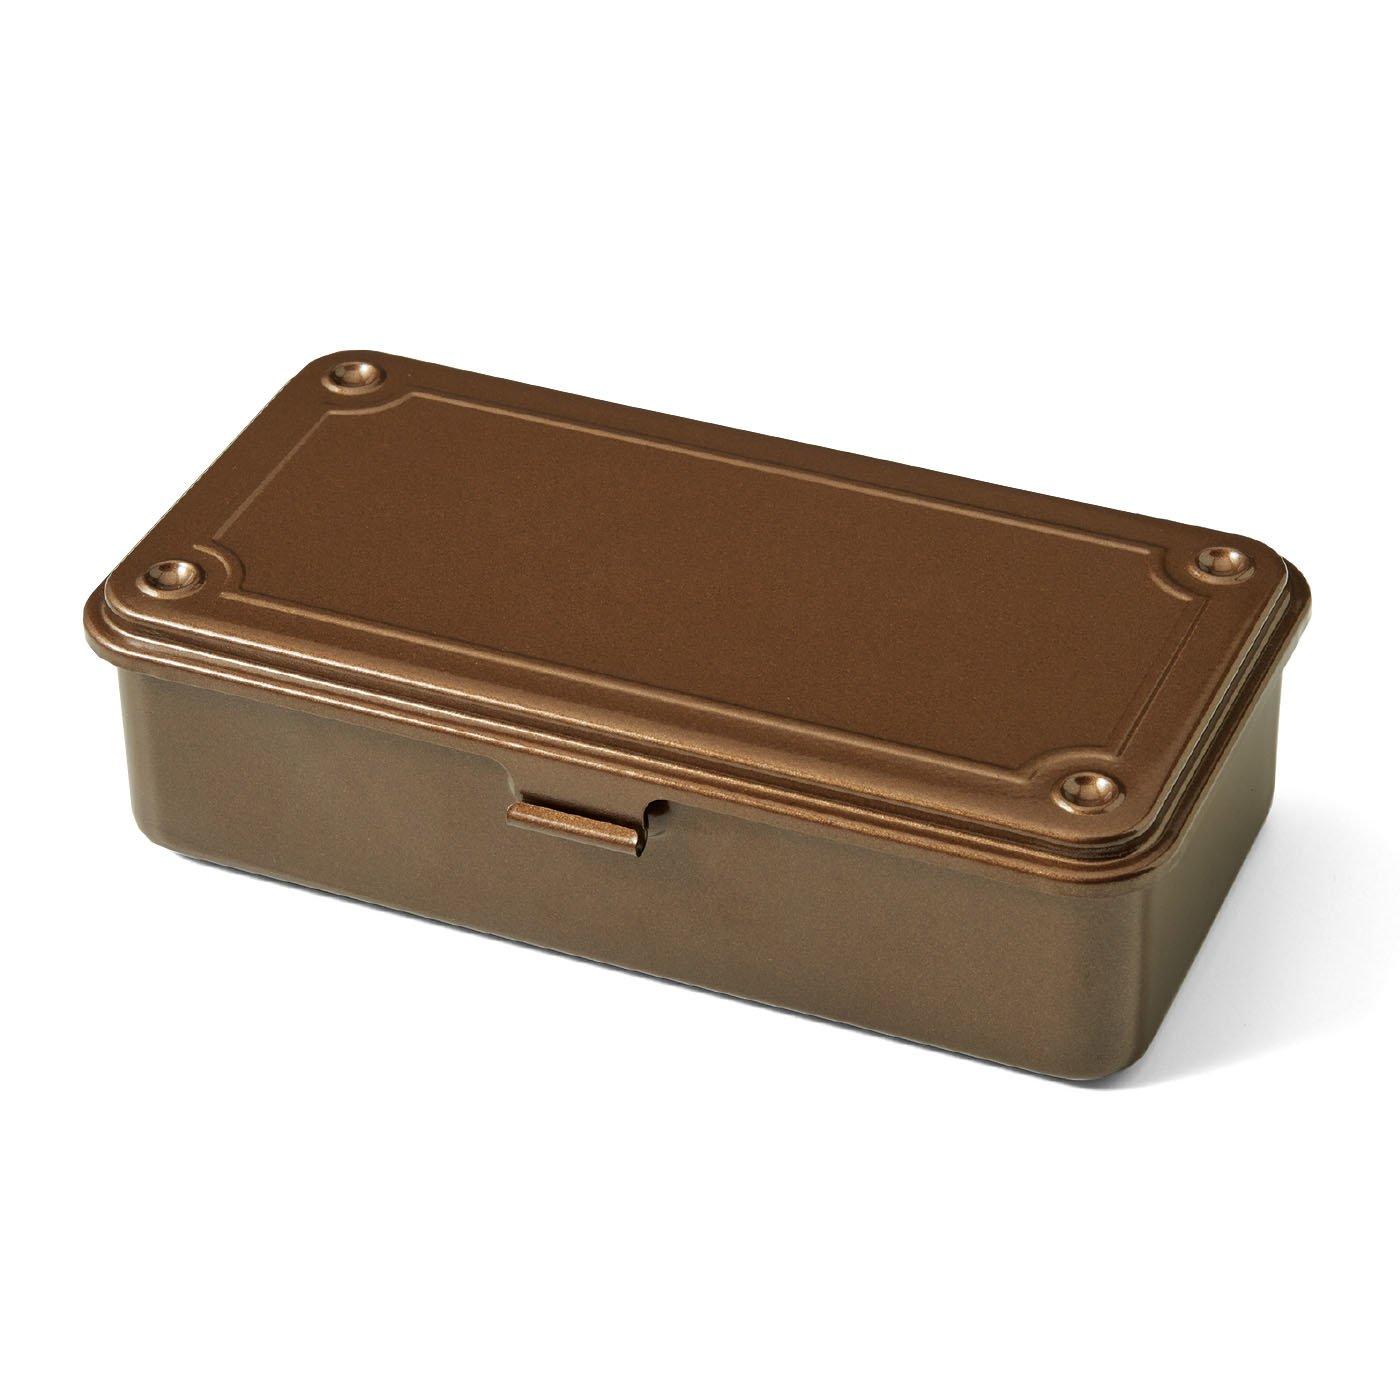 老舗工場で作られる ミニスチール工具箱〈珈琲ブラウン〉